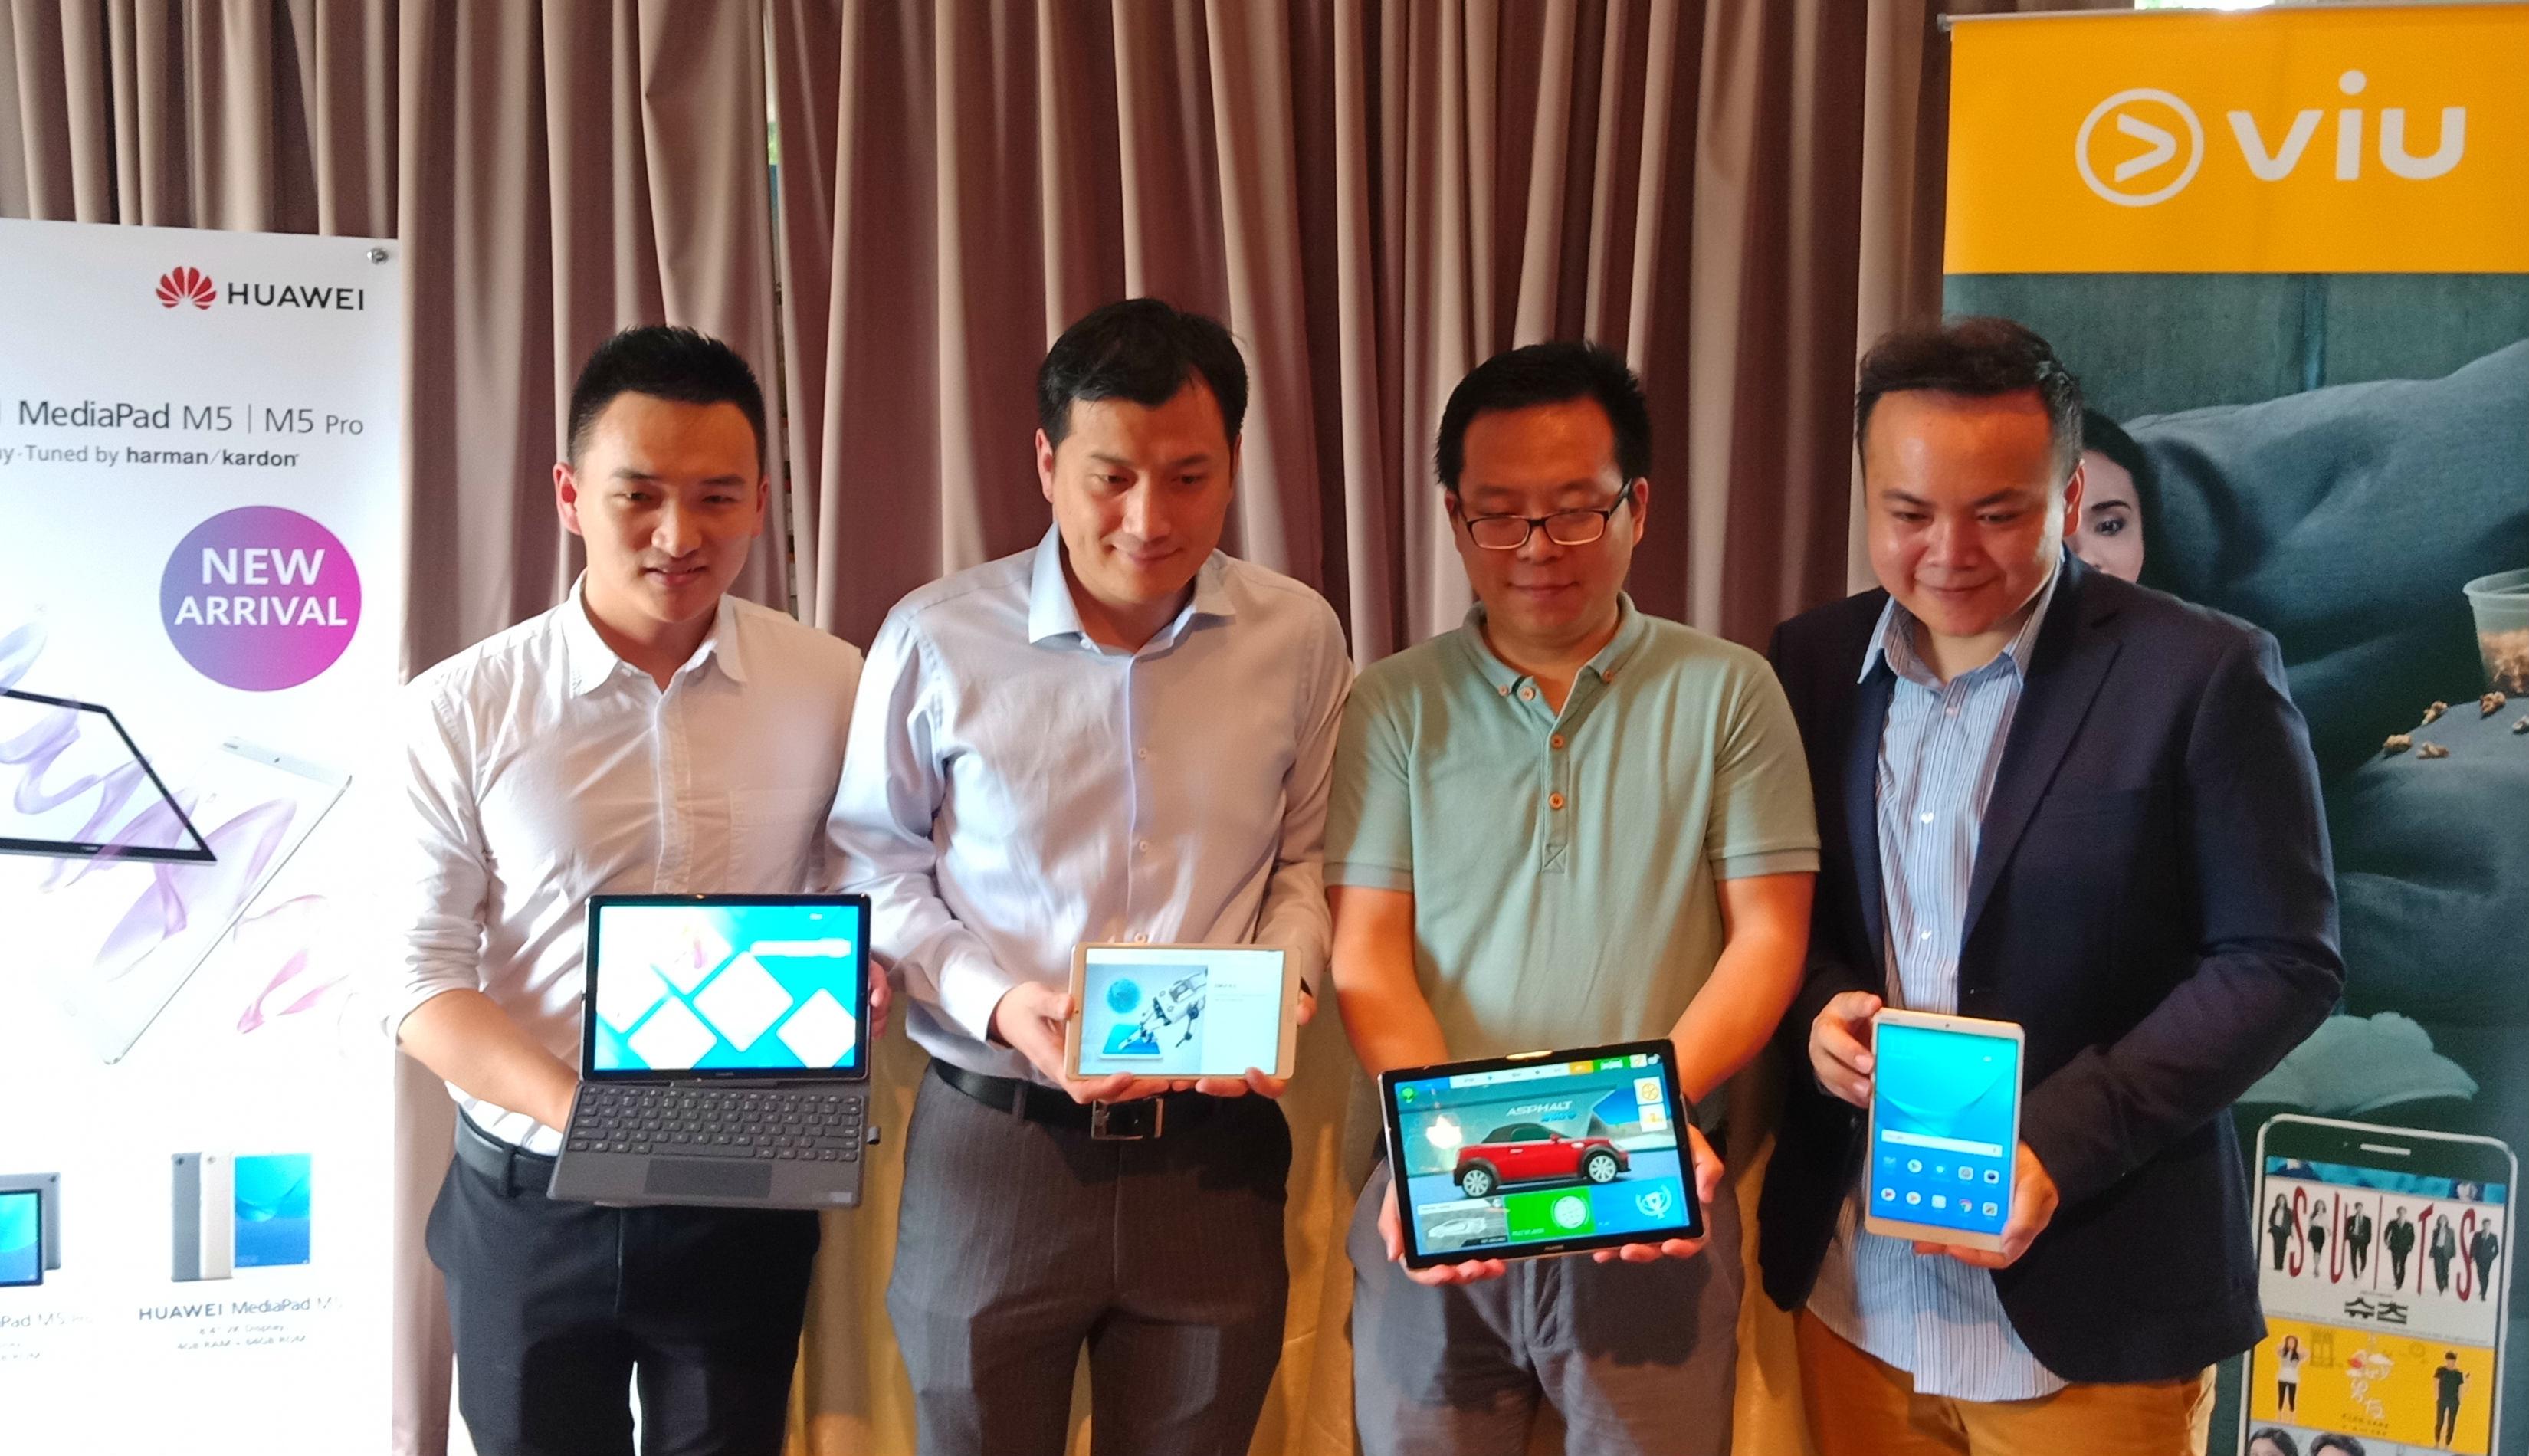 Huawei MediaPad M5 dan M5 Pro dilancarkan